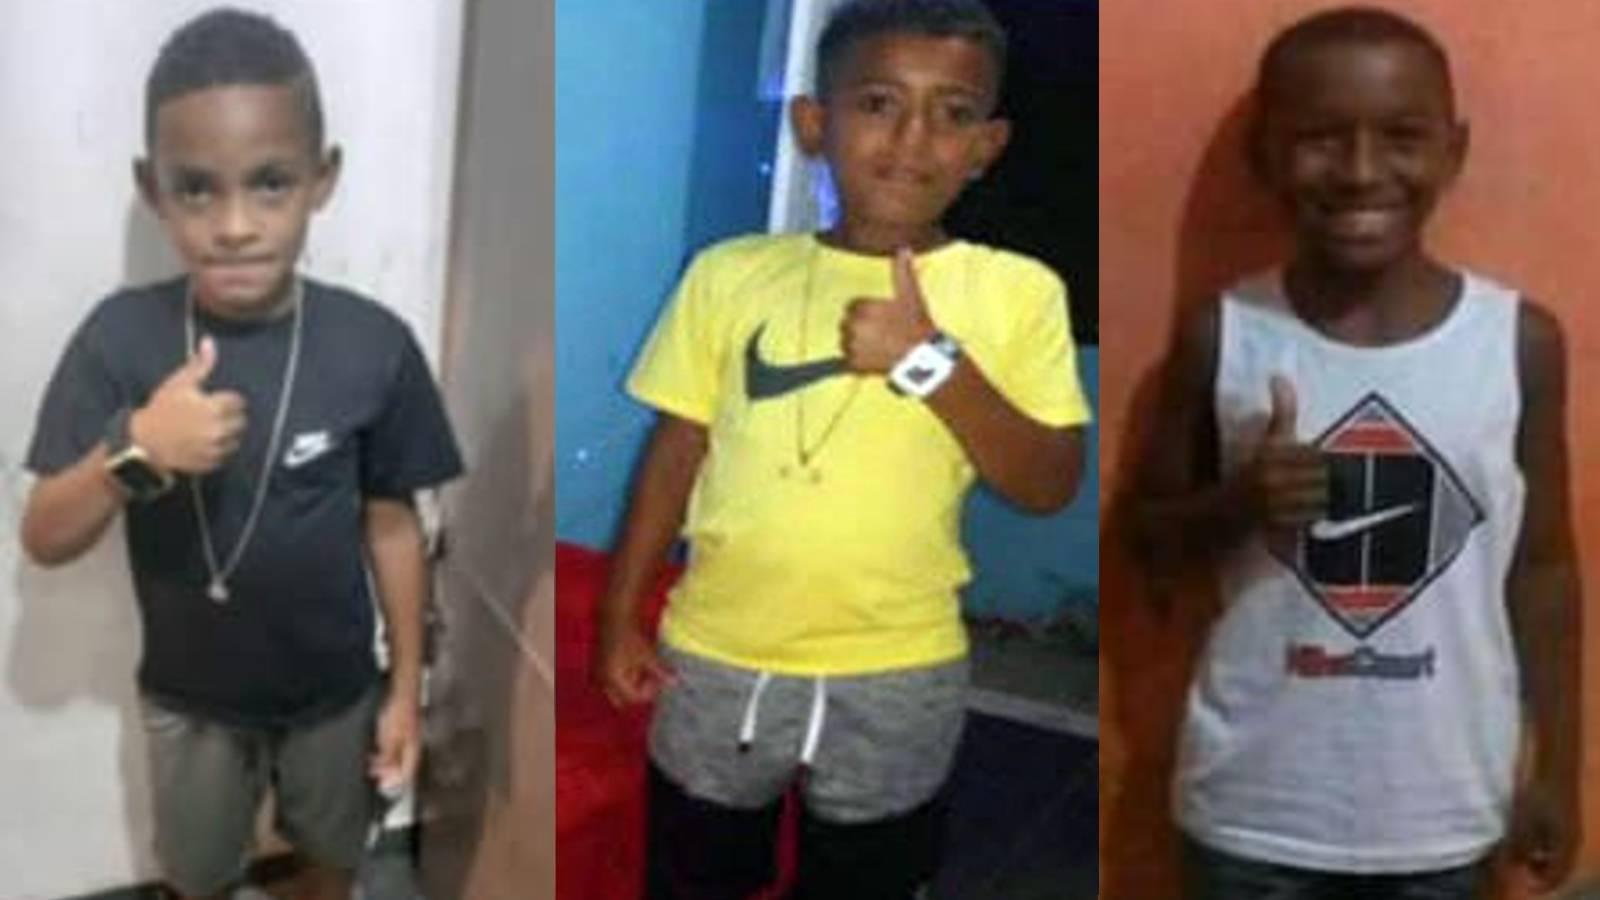 (Lucas, Alexandre e Fernando desapareceram no dia 27 de dezembro. Foto: Arquivo pessoal)